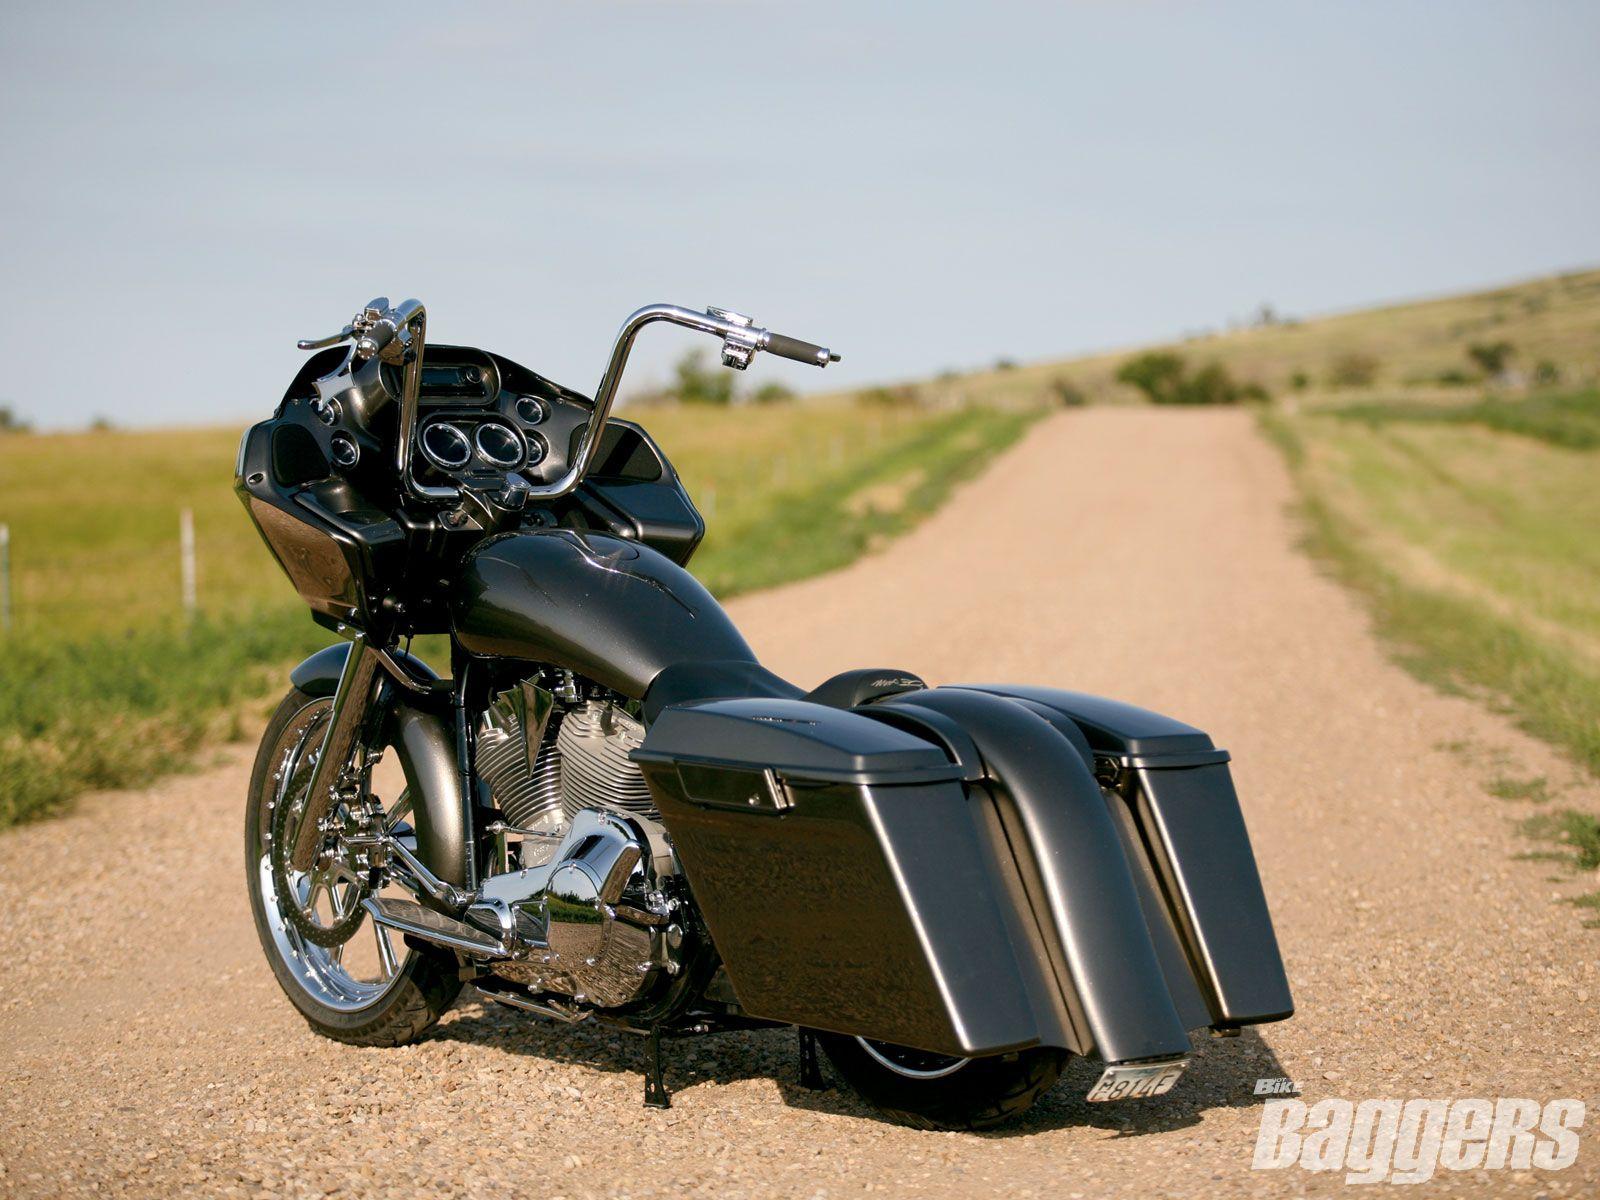 Harley davidson road glide image 14